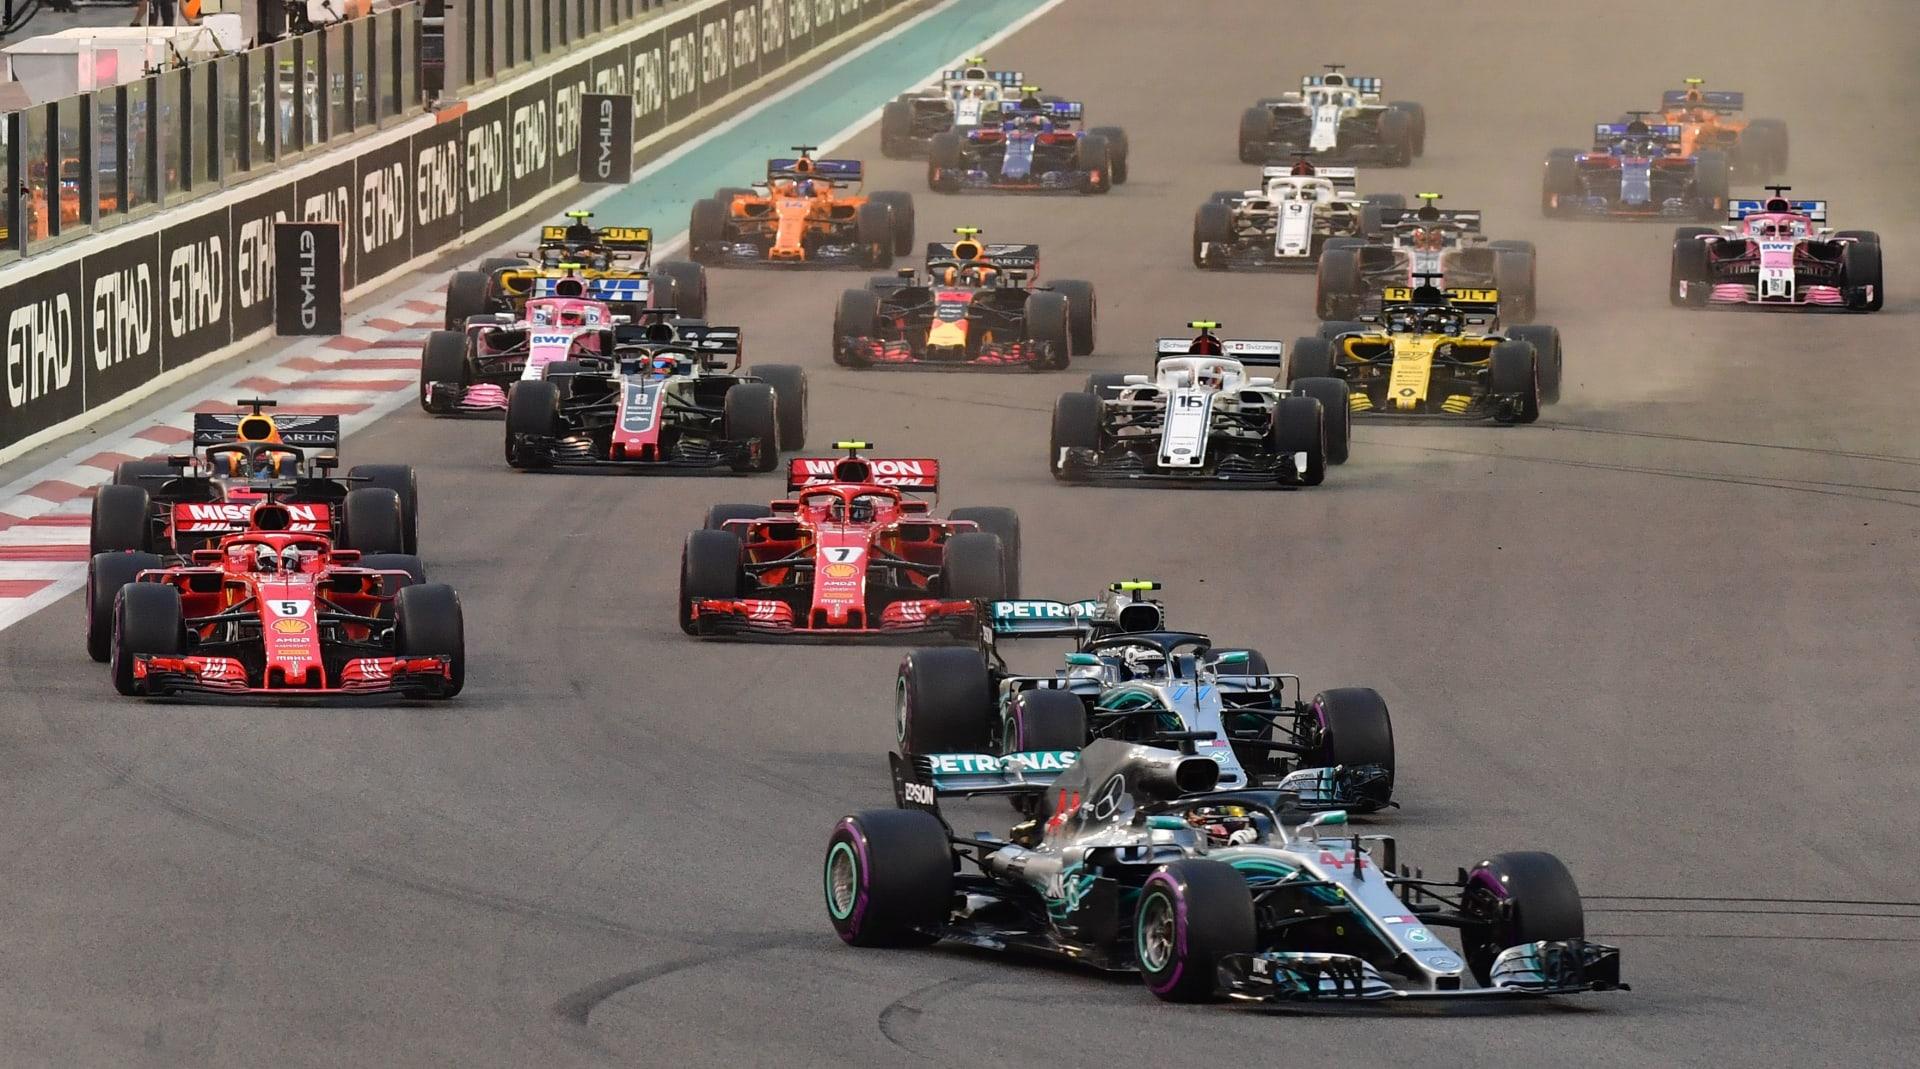 ولي العهد السعودي يشهد سباقات بطولة فورمولا 1 في أبوظبي